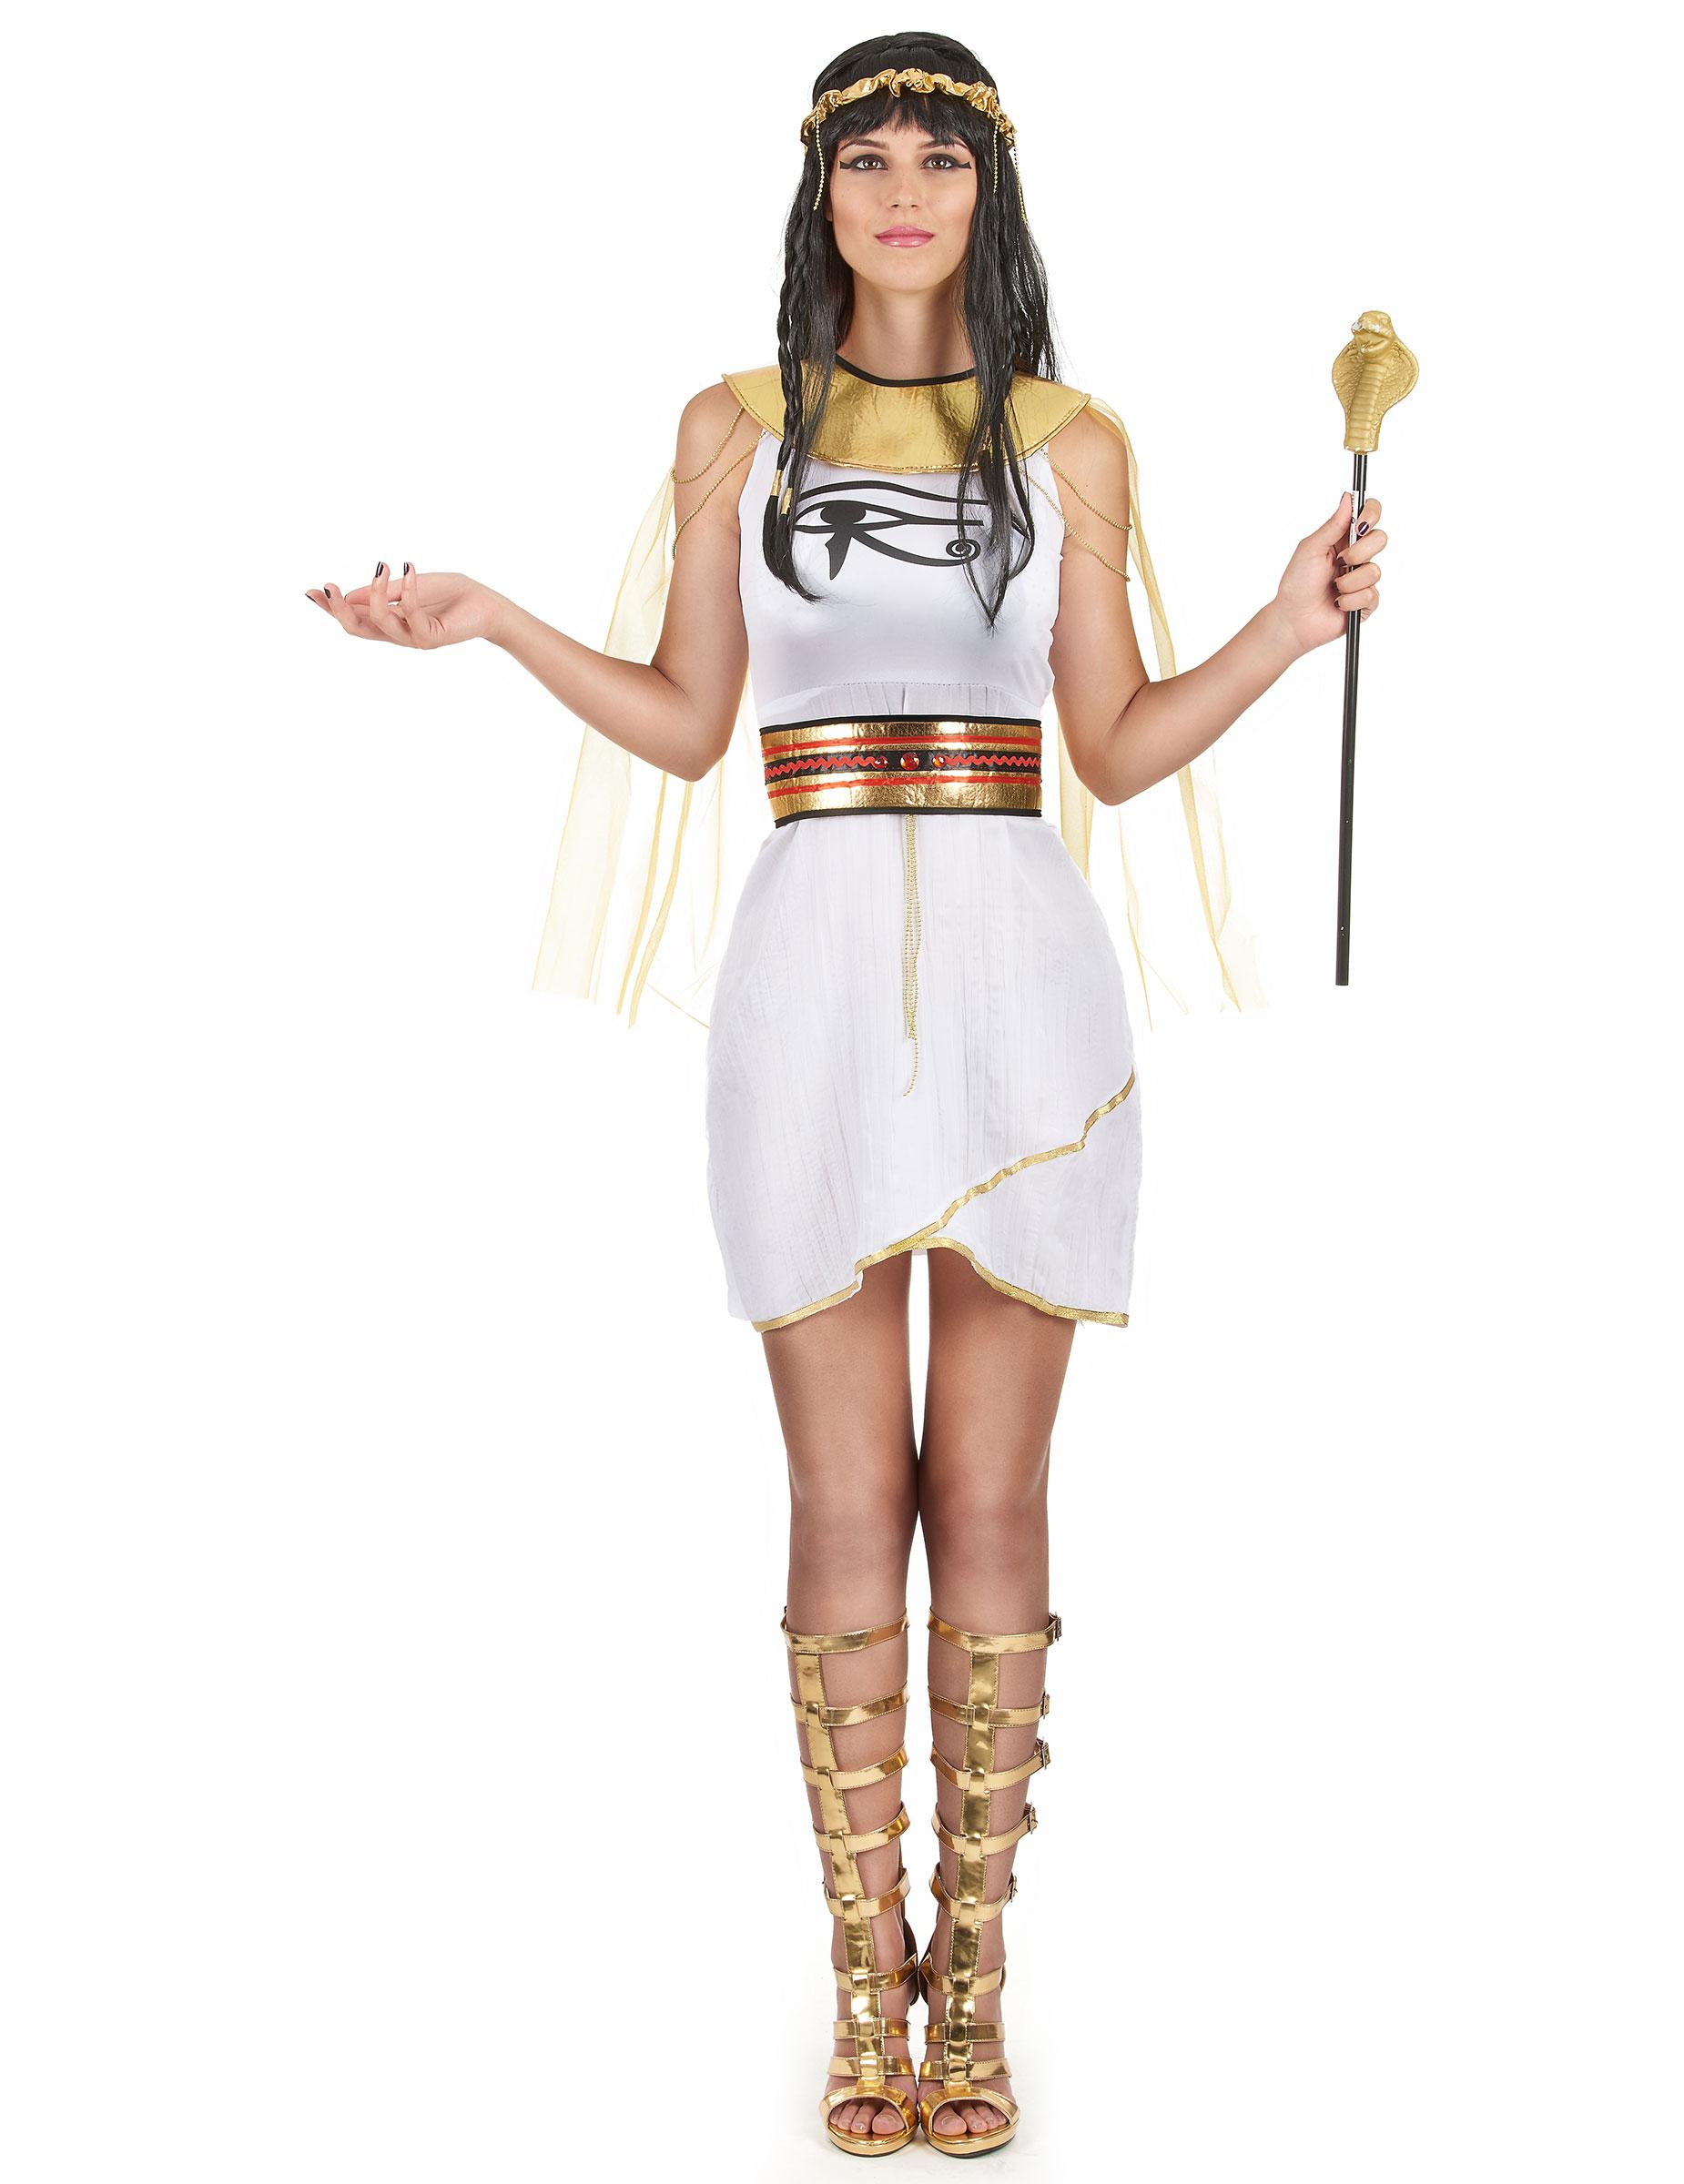 Agypter Damenkostum Weiss Gold Gunstige Faschings Kostume Bei